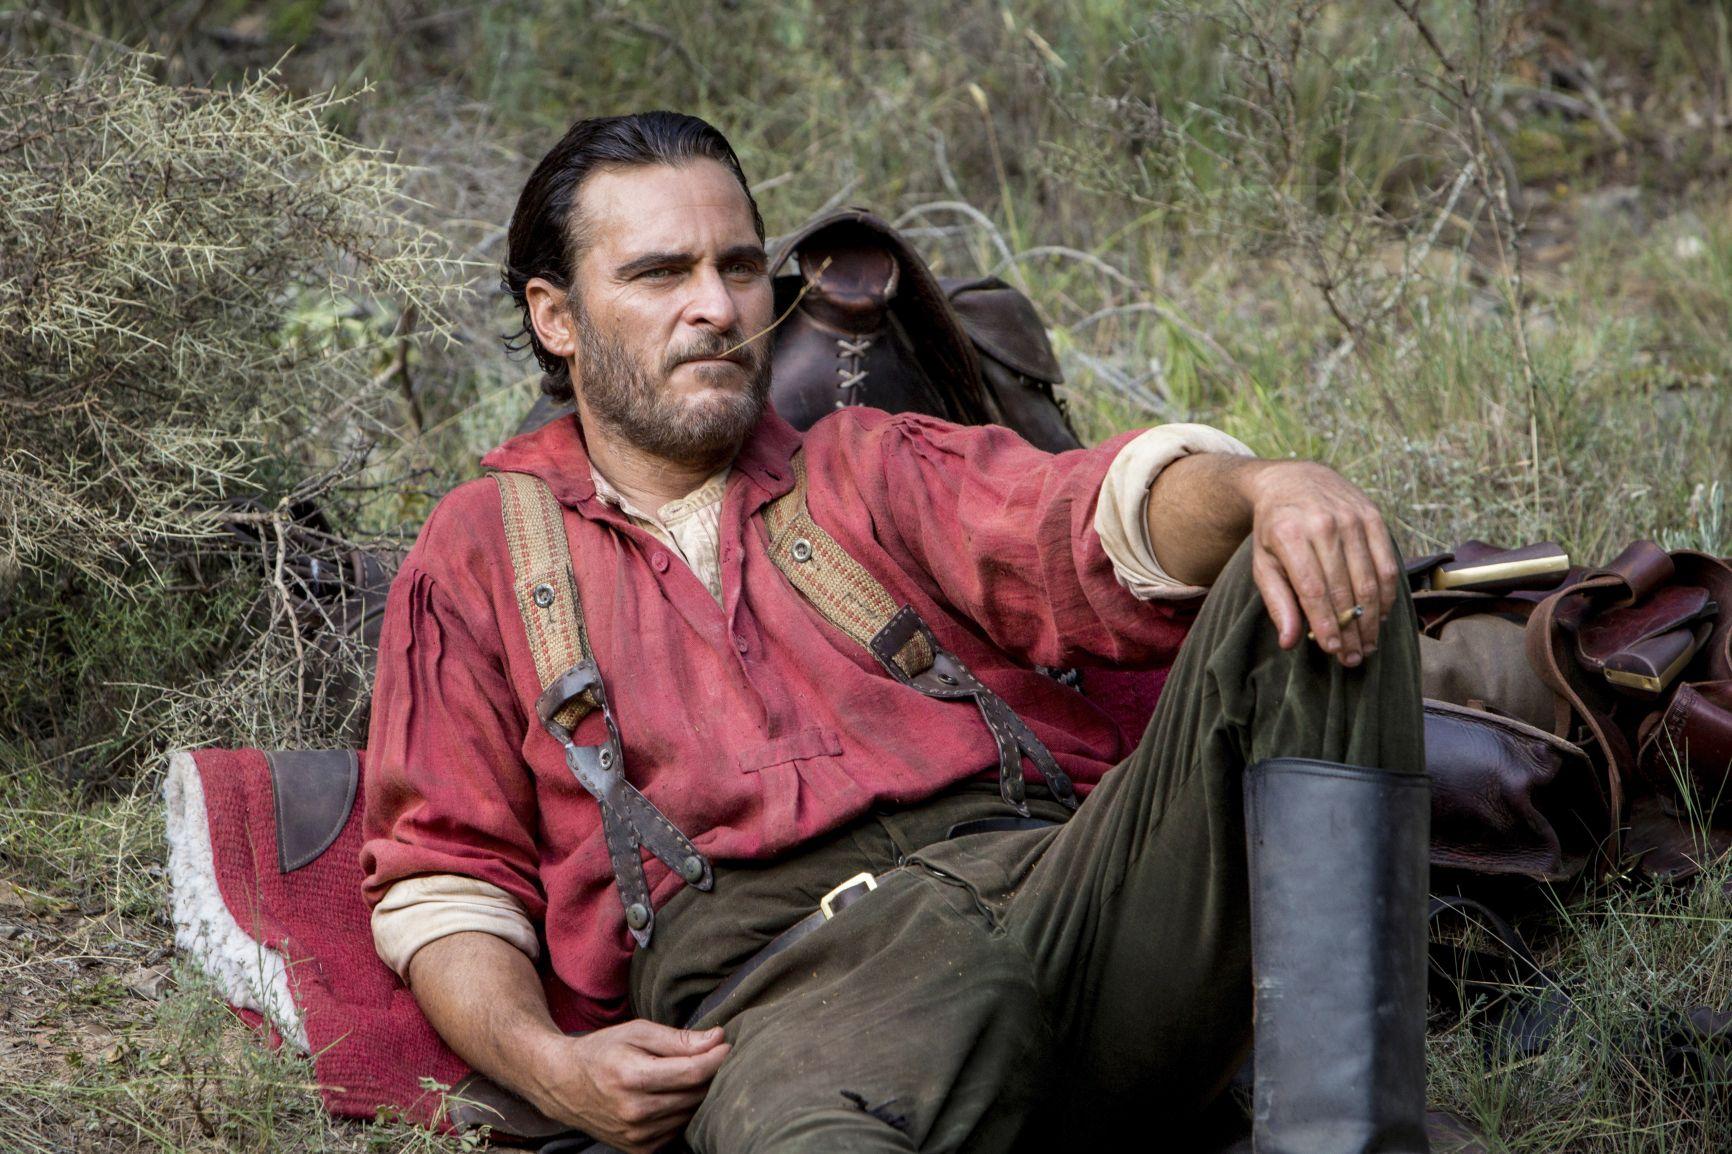 I fratelli Sisters: una scena con Joaquin Phoenix